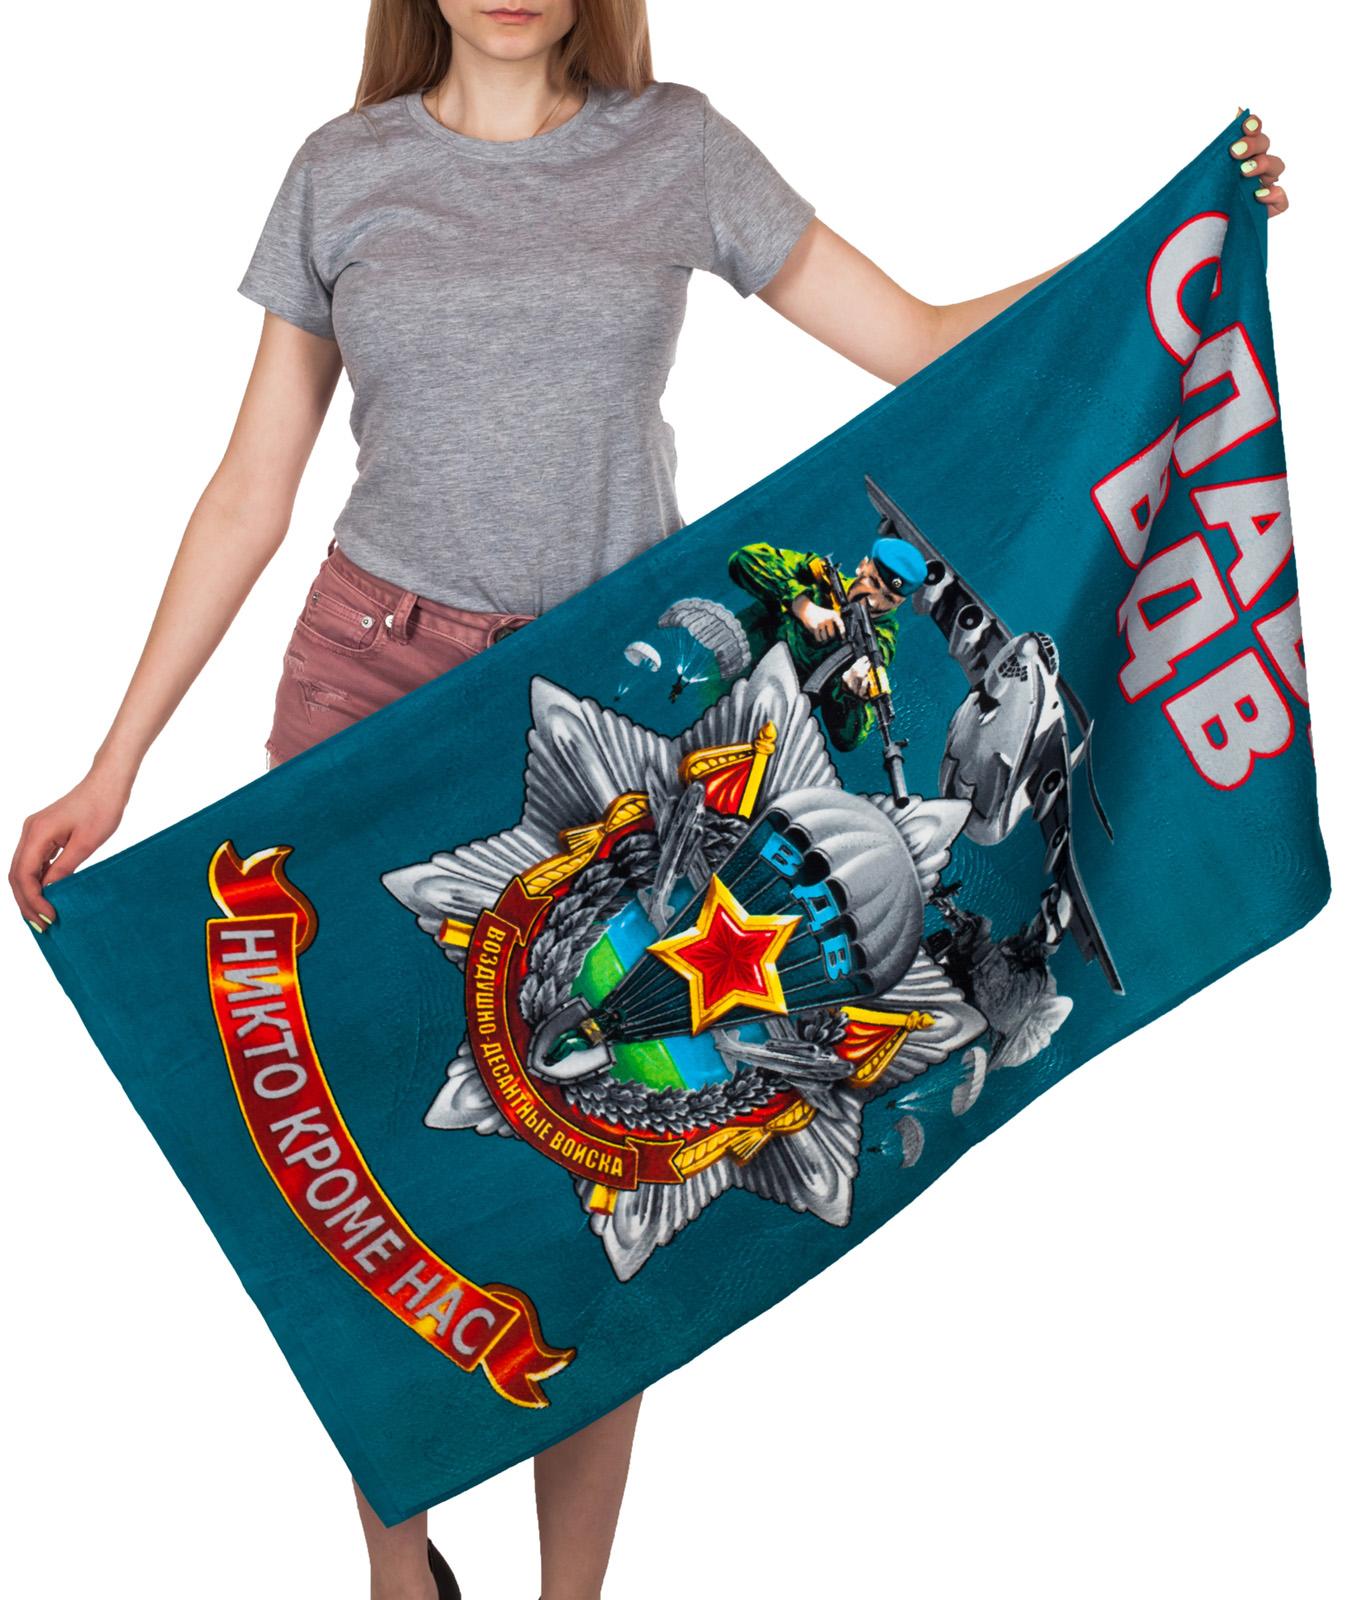 Полотенца и другие сувениры с символикой десантников